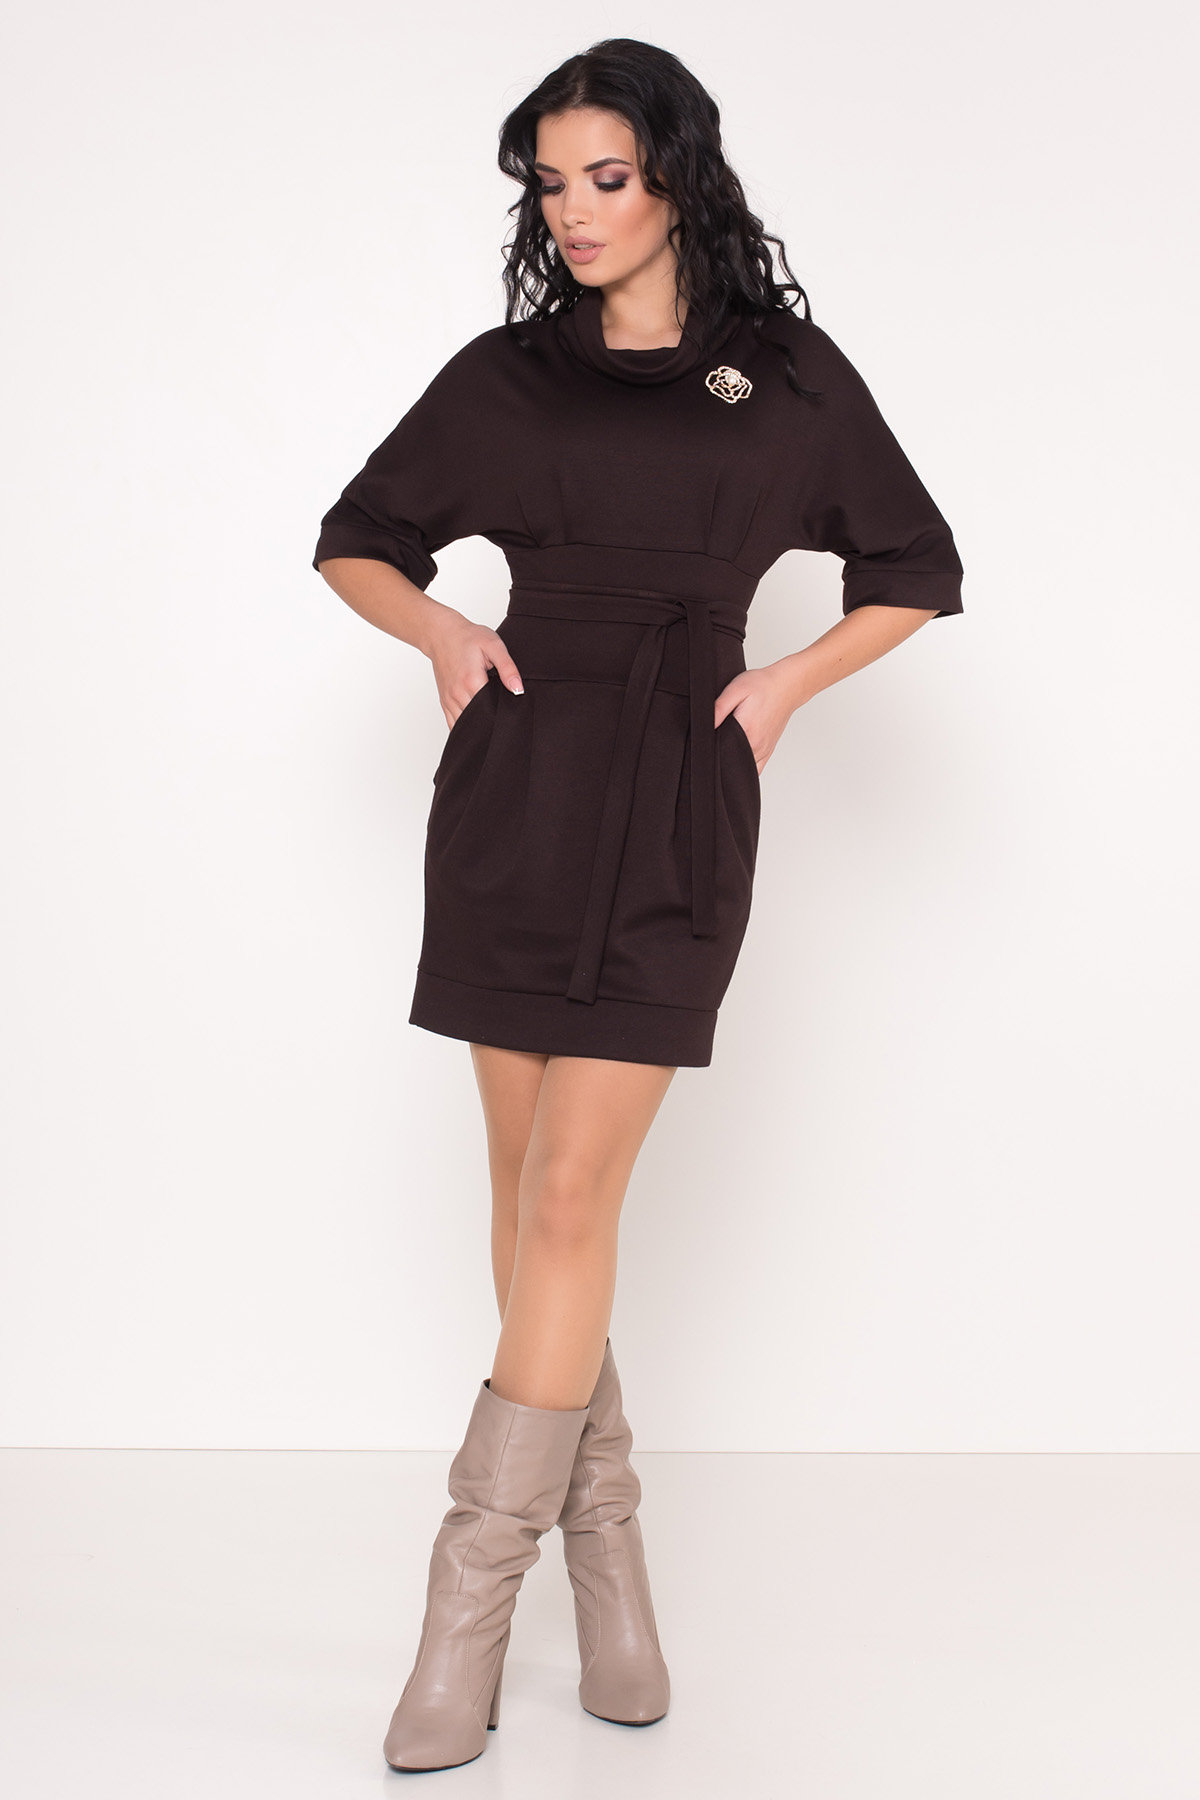 Трикотажное платье Вассаби 8478 АРТ. 44906 Цвет: Шоколад - фото 1, интернет магазин tm-modus.ru